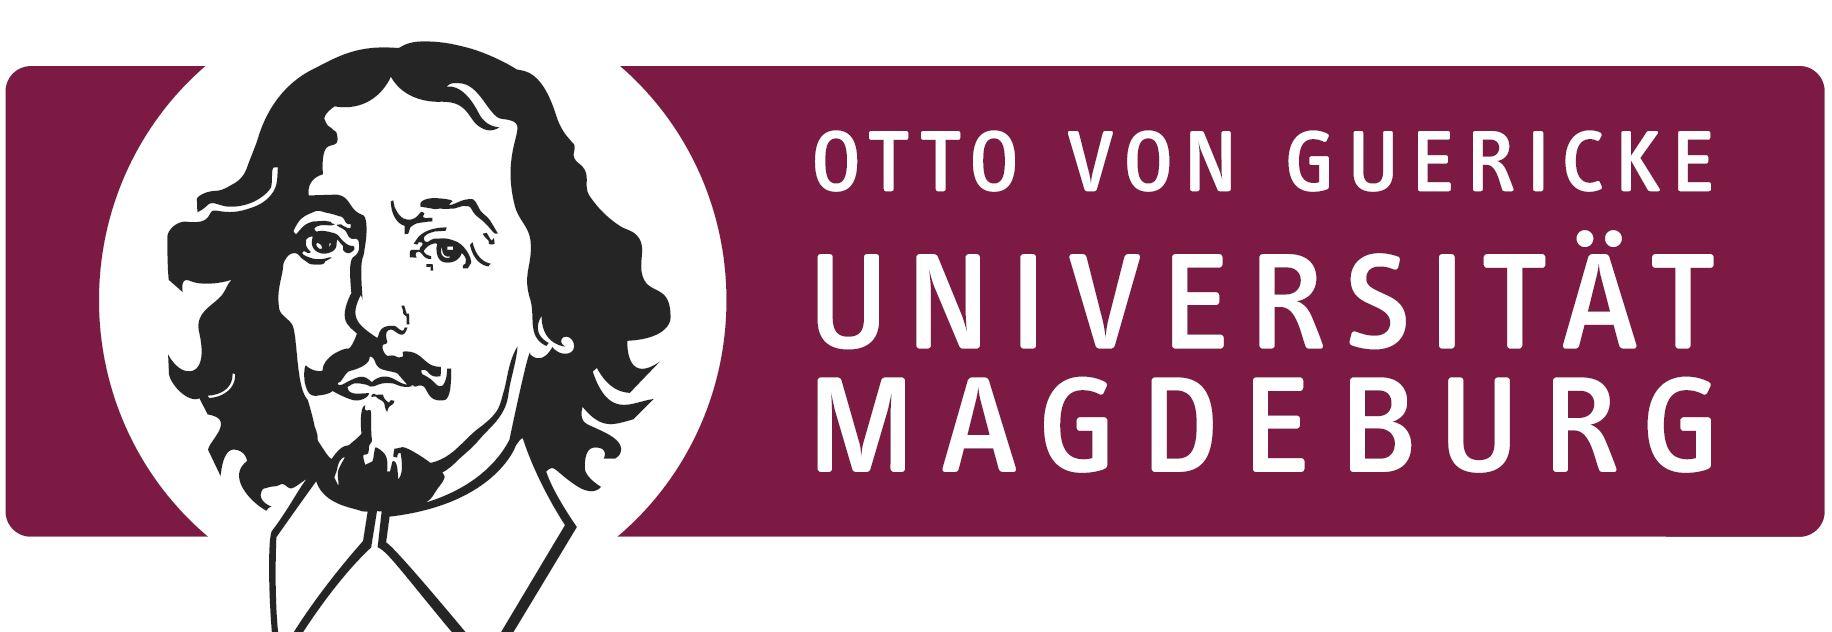 otto-von_Guericke-Universität Magdeburg,Lehrstuhl Training und Gesundheit